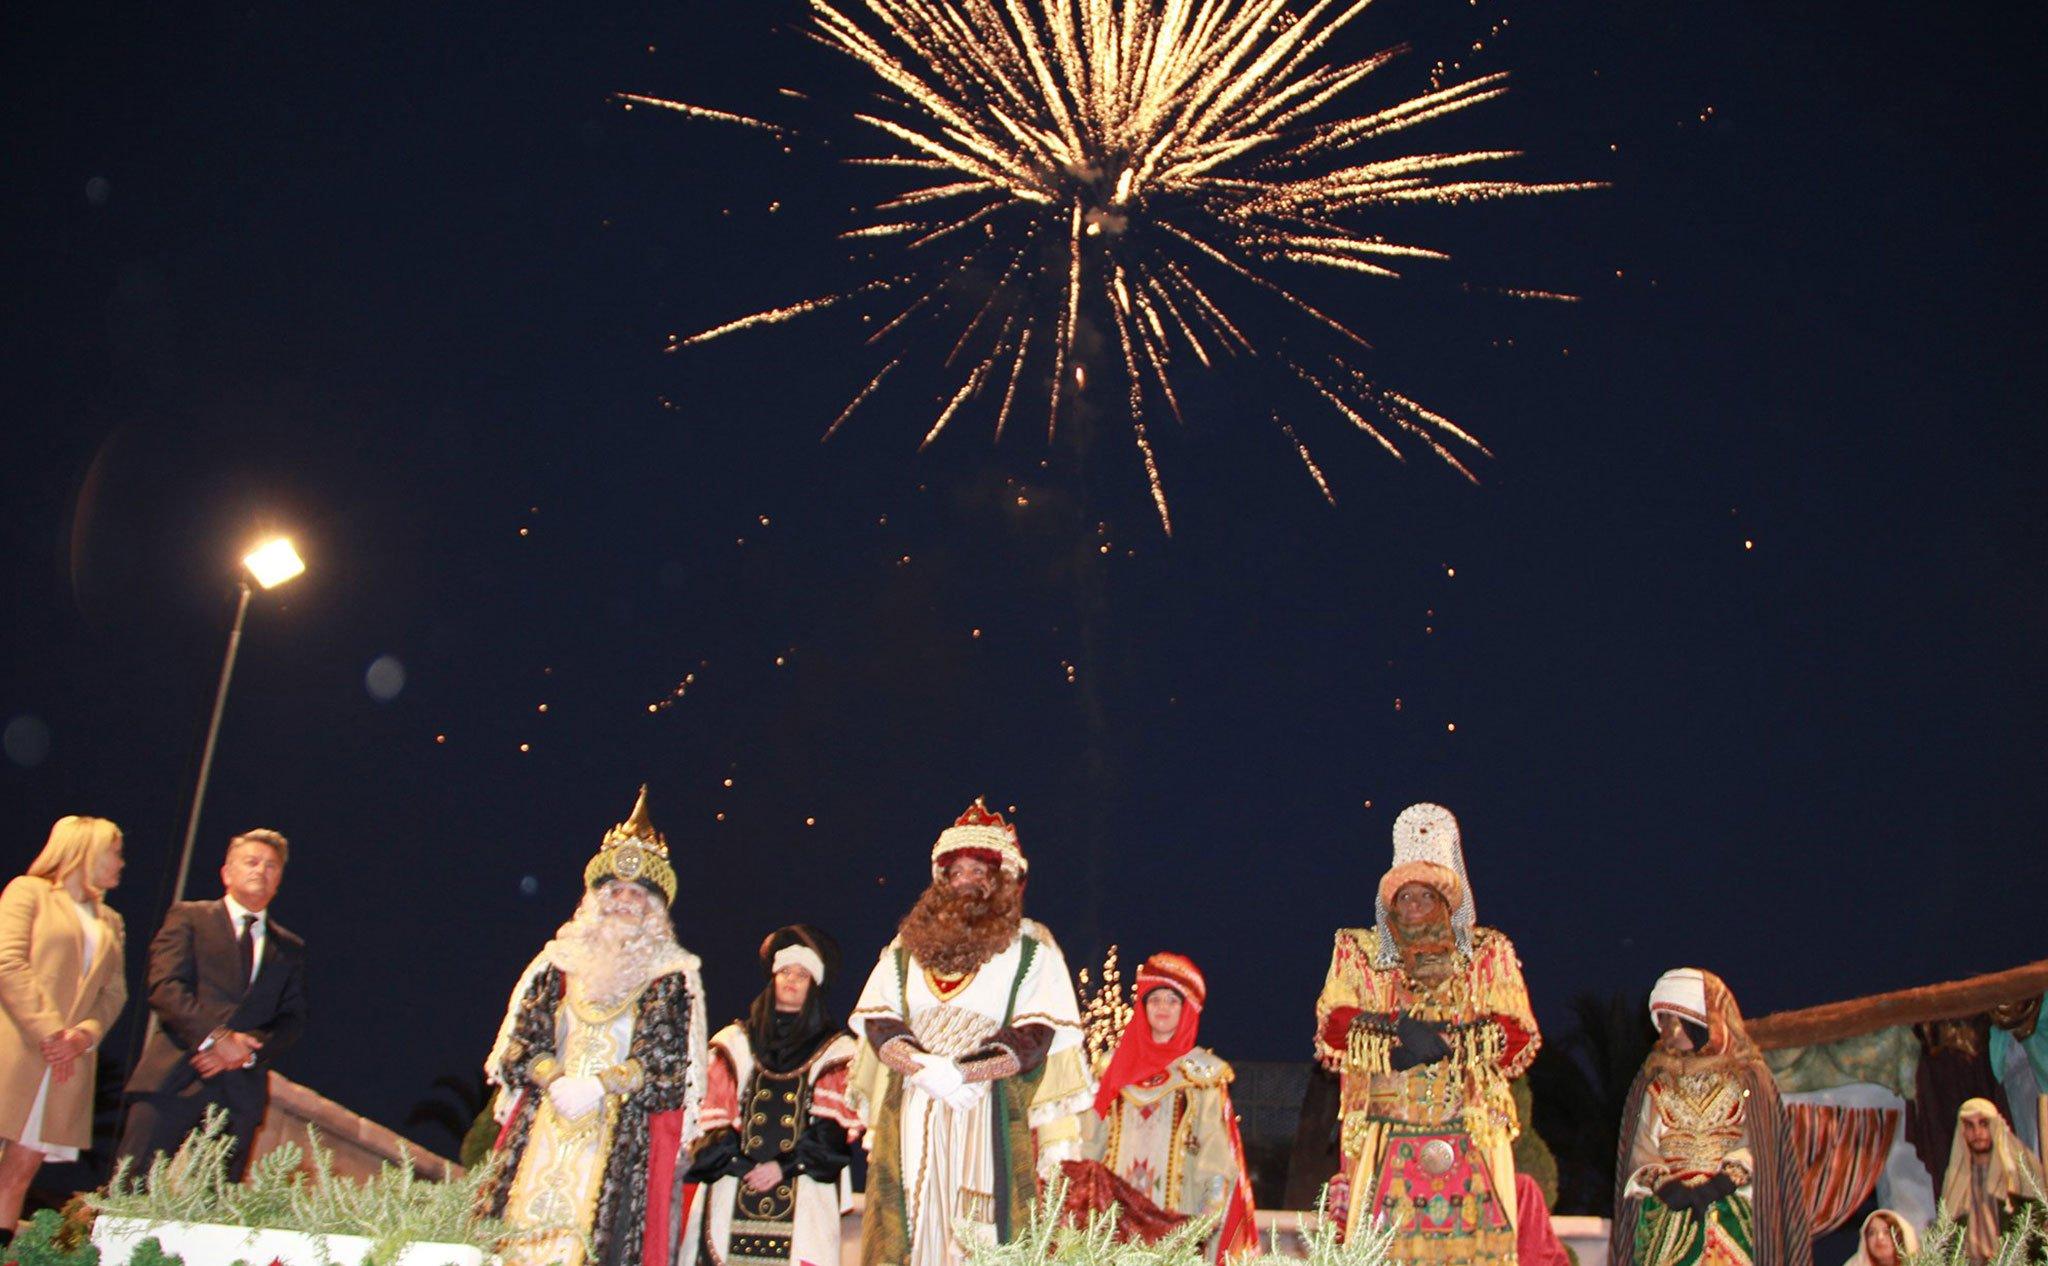 Fuegos artificiales en la Cabalgata de Reyes de Jávea 2020